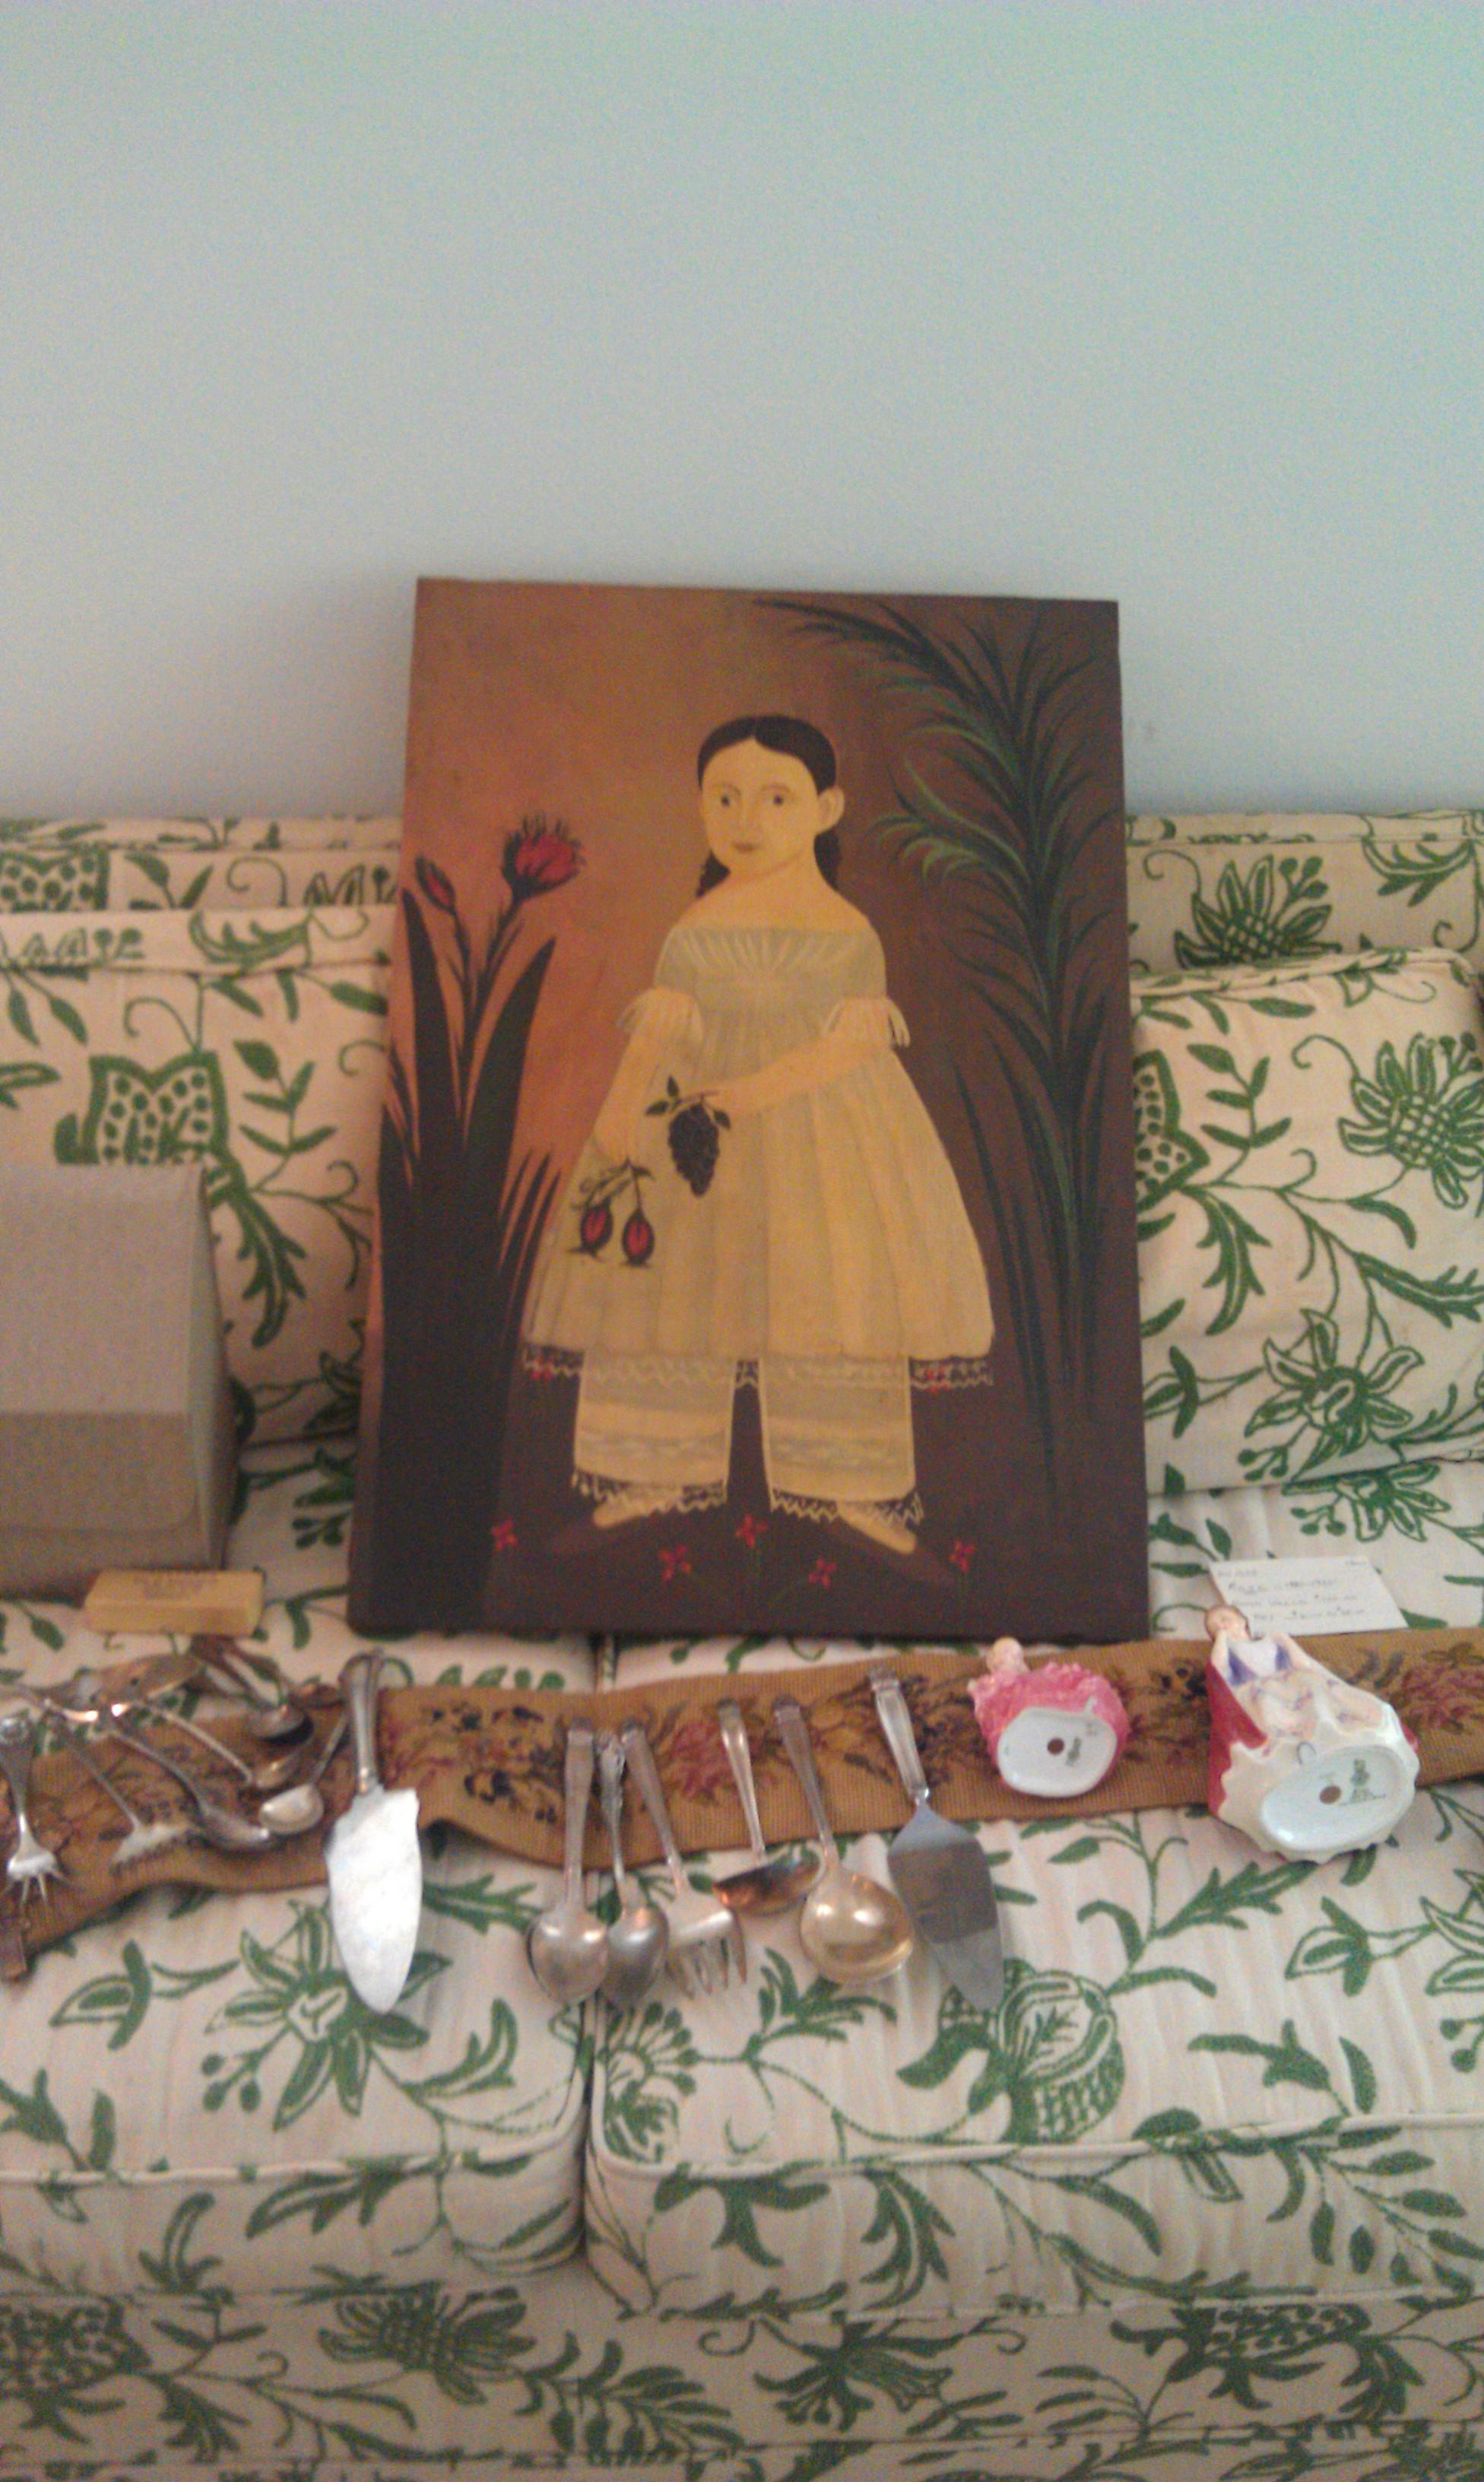 Antique Primitive Style Oil Painting For Sale Antiques